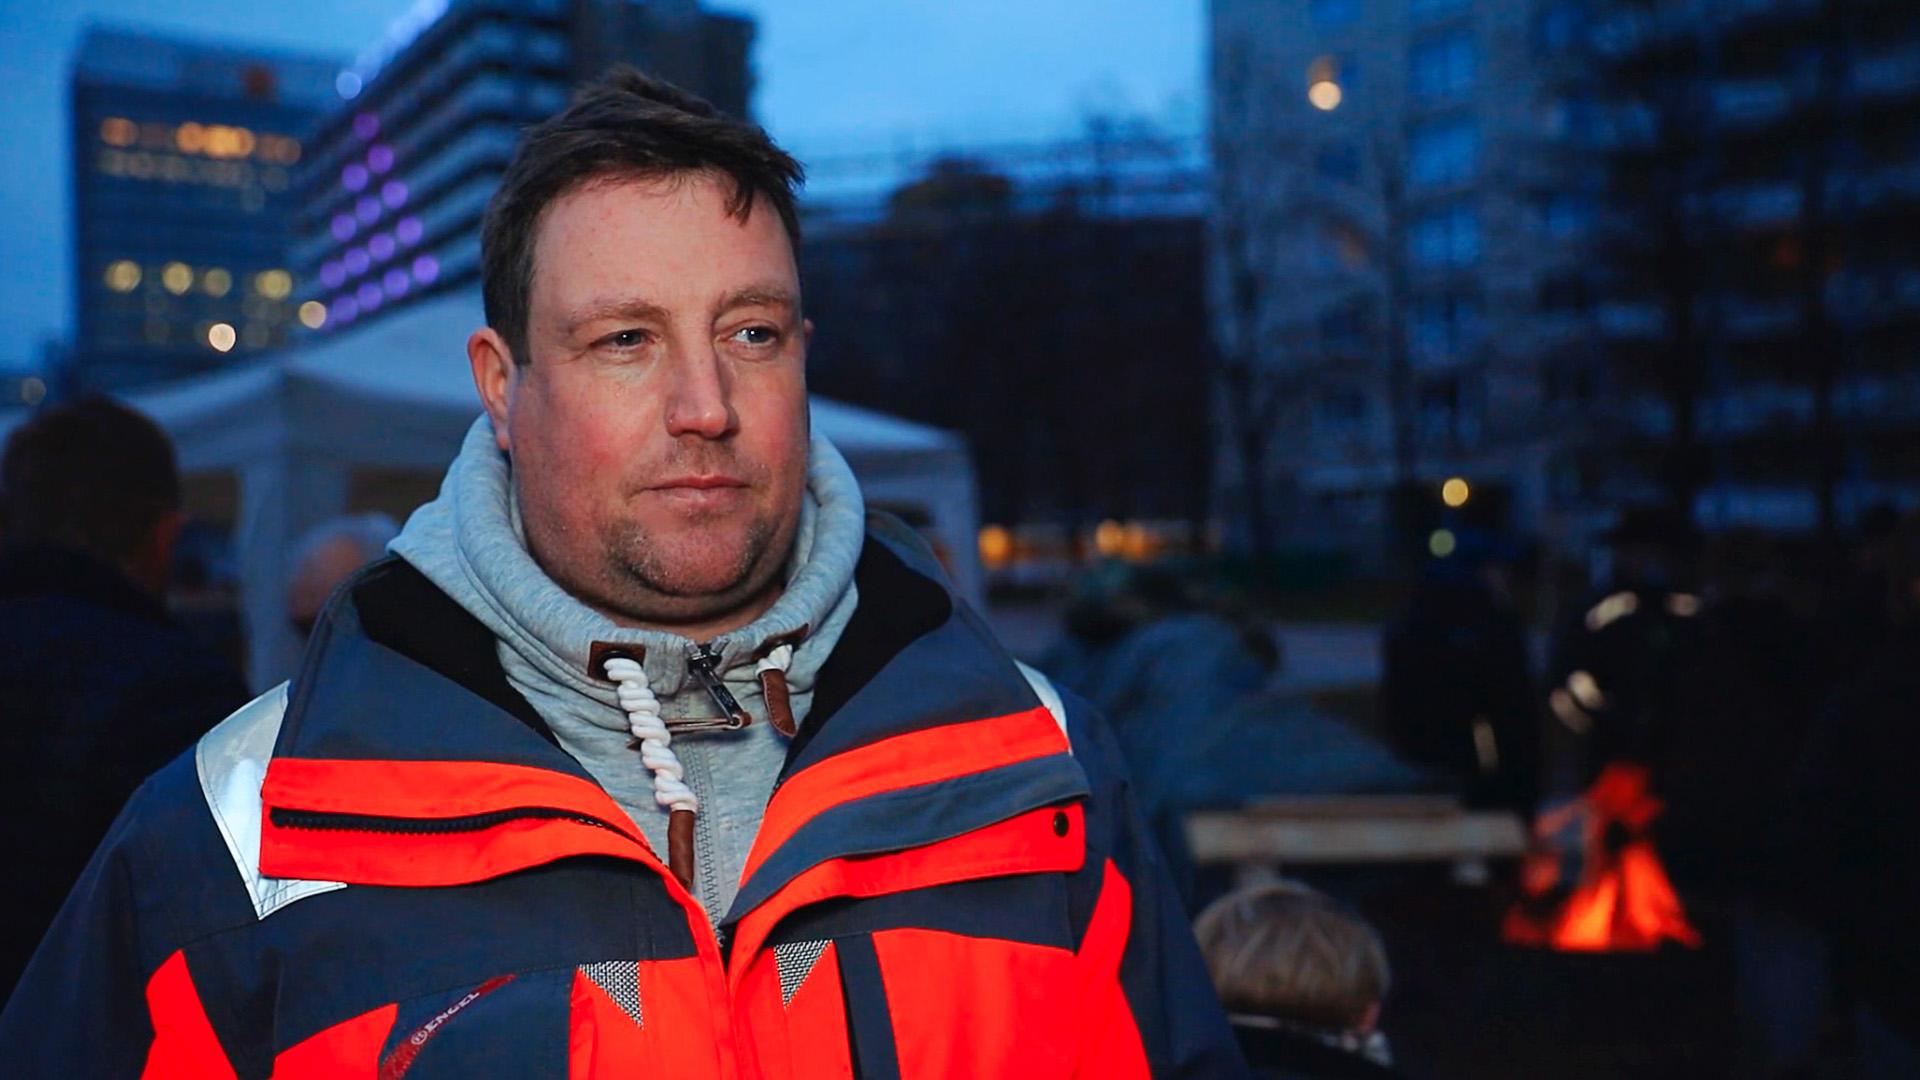 """In Deutschland bald kein Schweinefleisch mehr? Erboster Bauer: """"Hier läuft alles aus dem Ruder"""""""